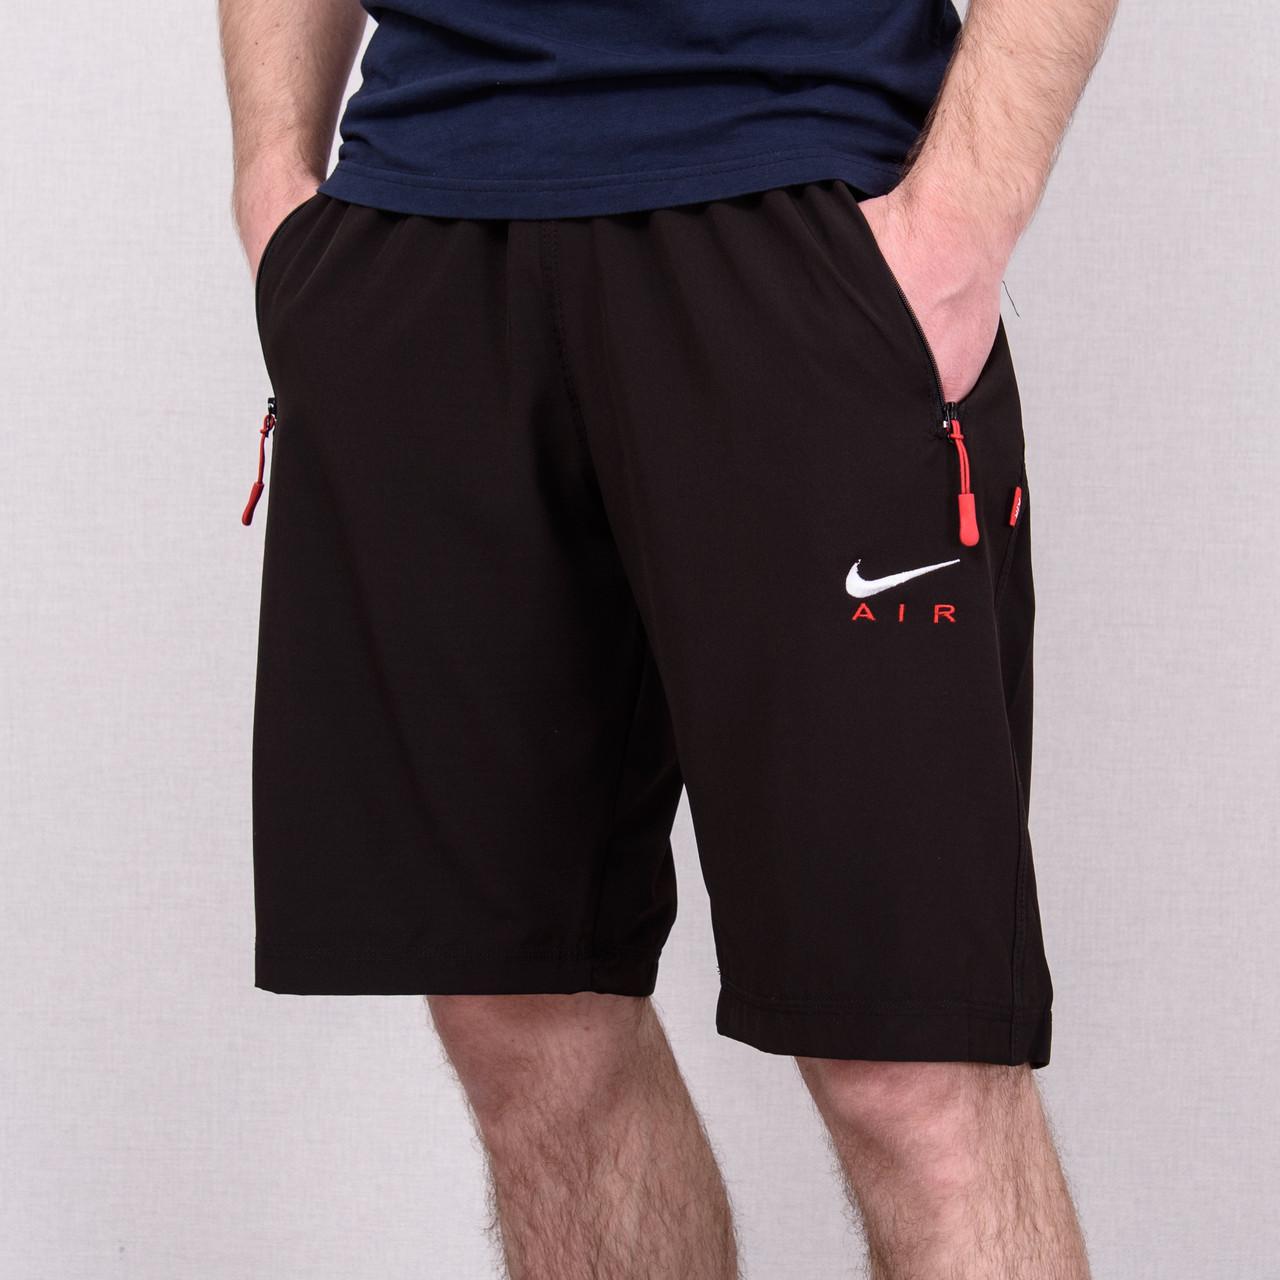 Чоловічі шорти NIKE великого розміру (плащівка), коричневого кольору